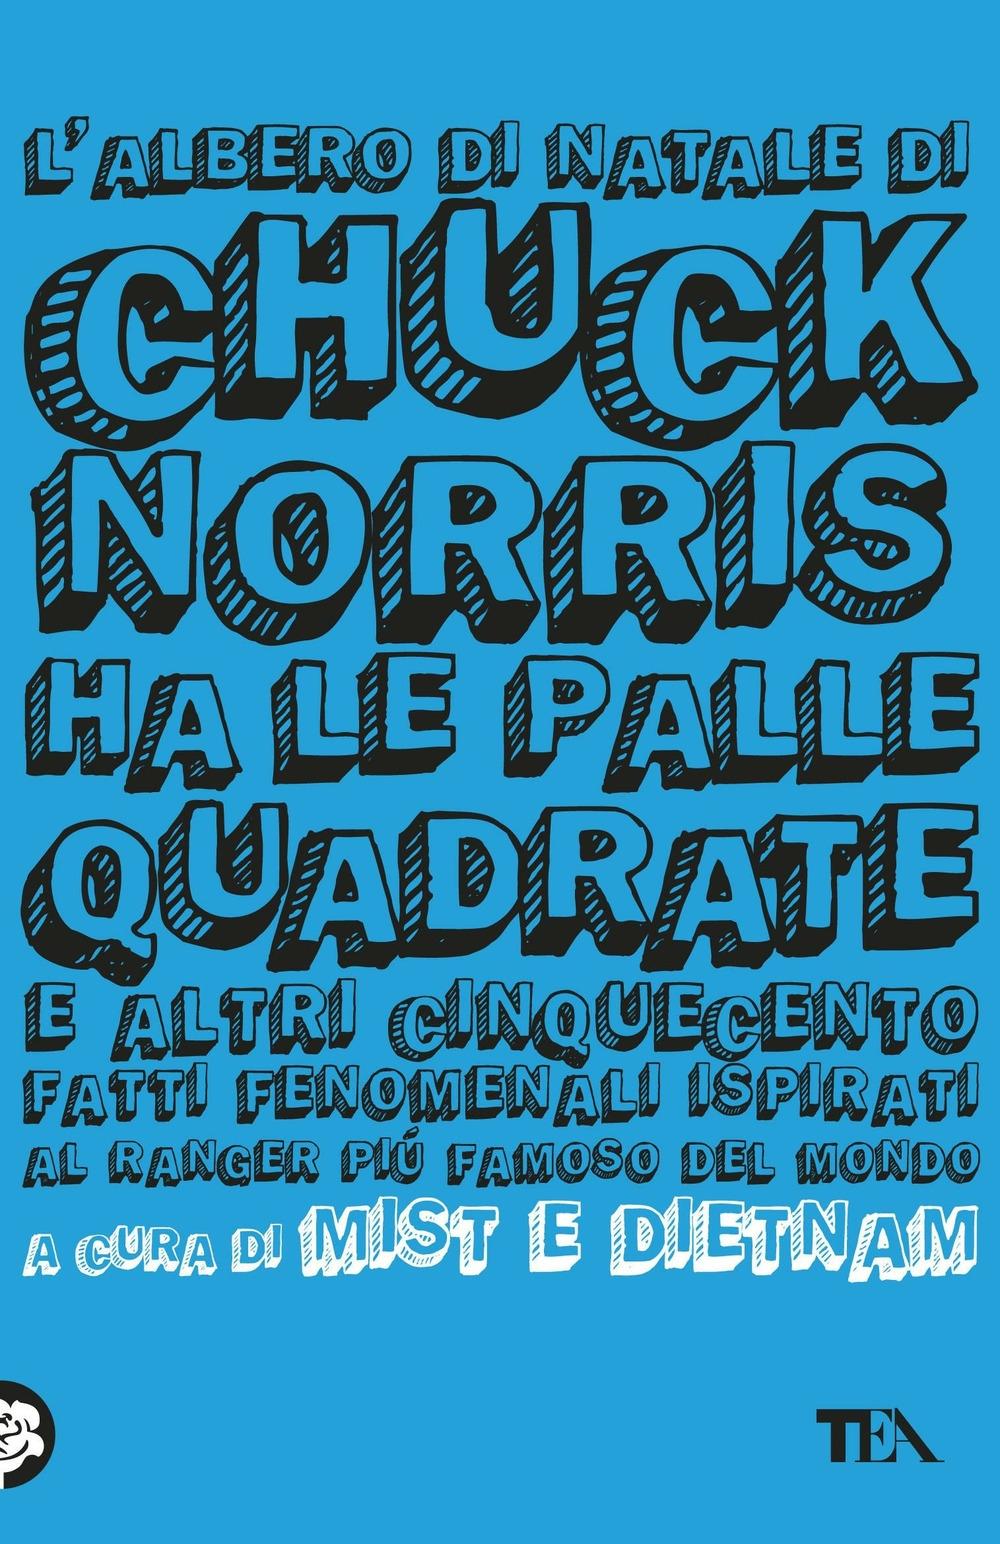 L'albero di Natale di Chuck Norris ha le palle quadrate e altri cinquecento fatti fenomenali ispirati al ranger più famoso del mondo